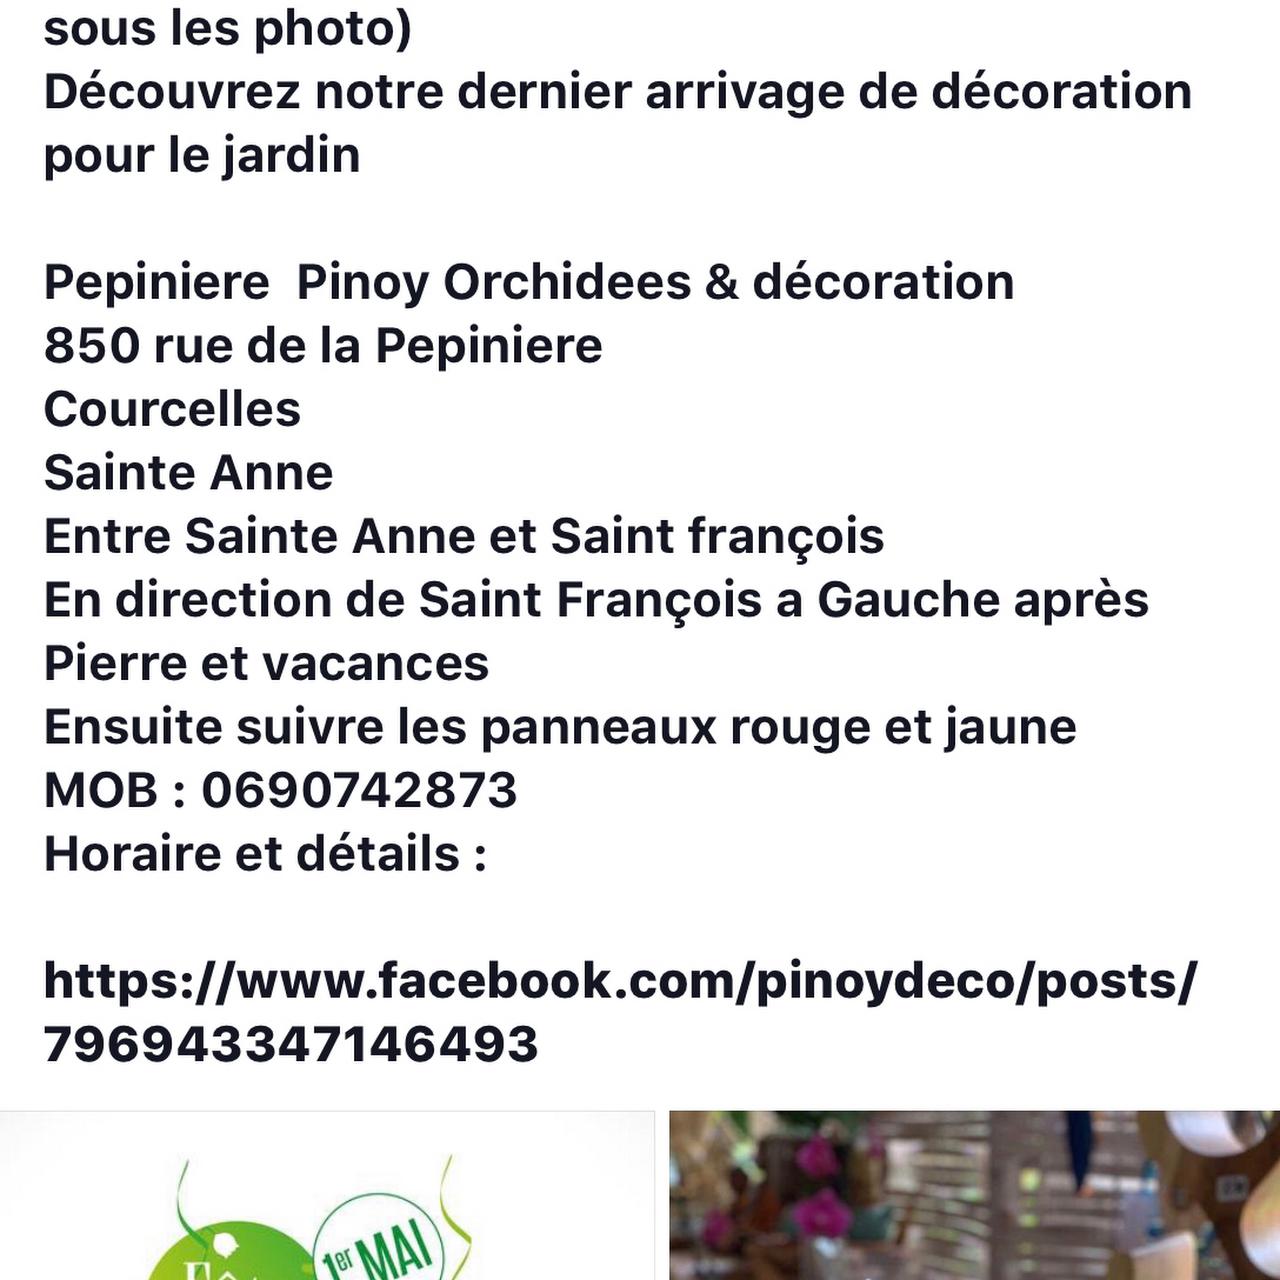 Pépinière Pinoy Orchidées et Déco - Pépinière à Sainte-Anne